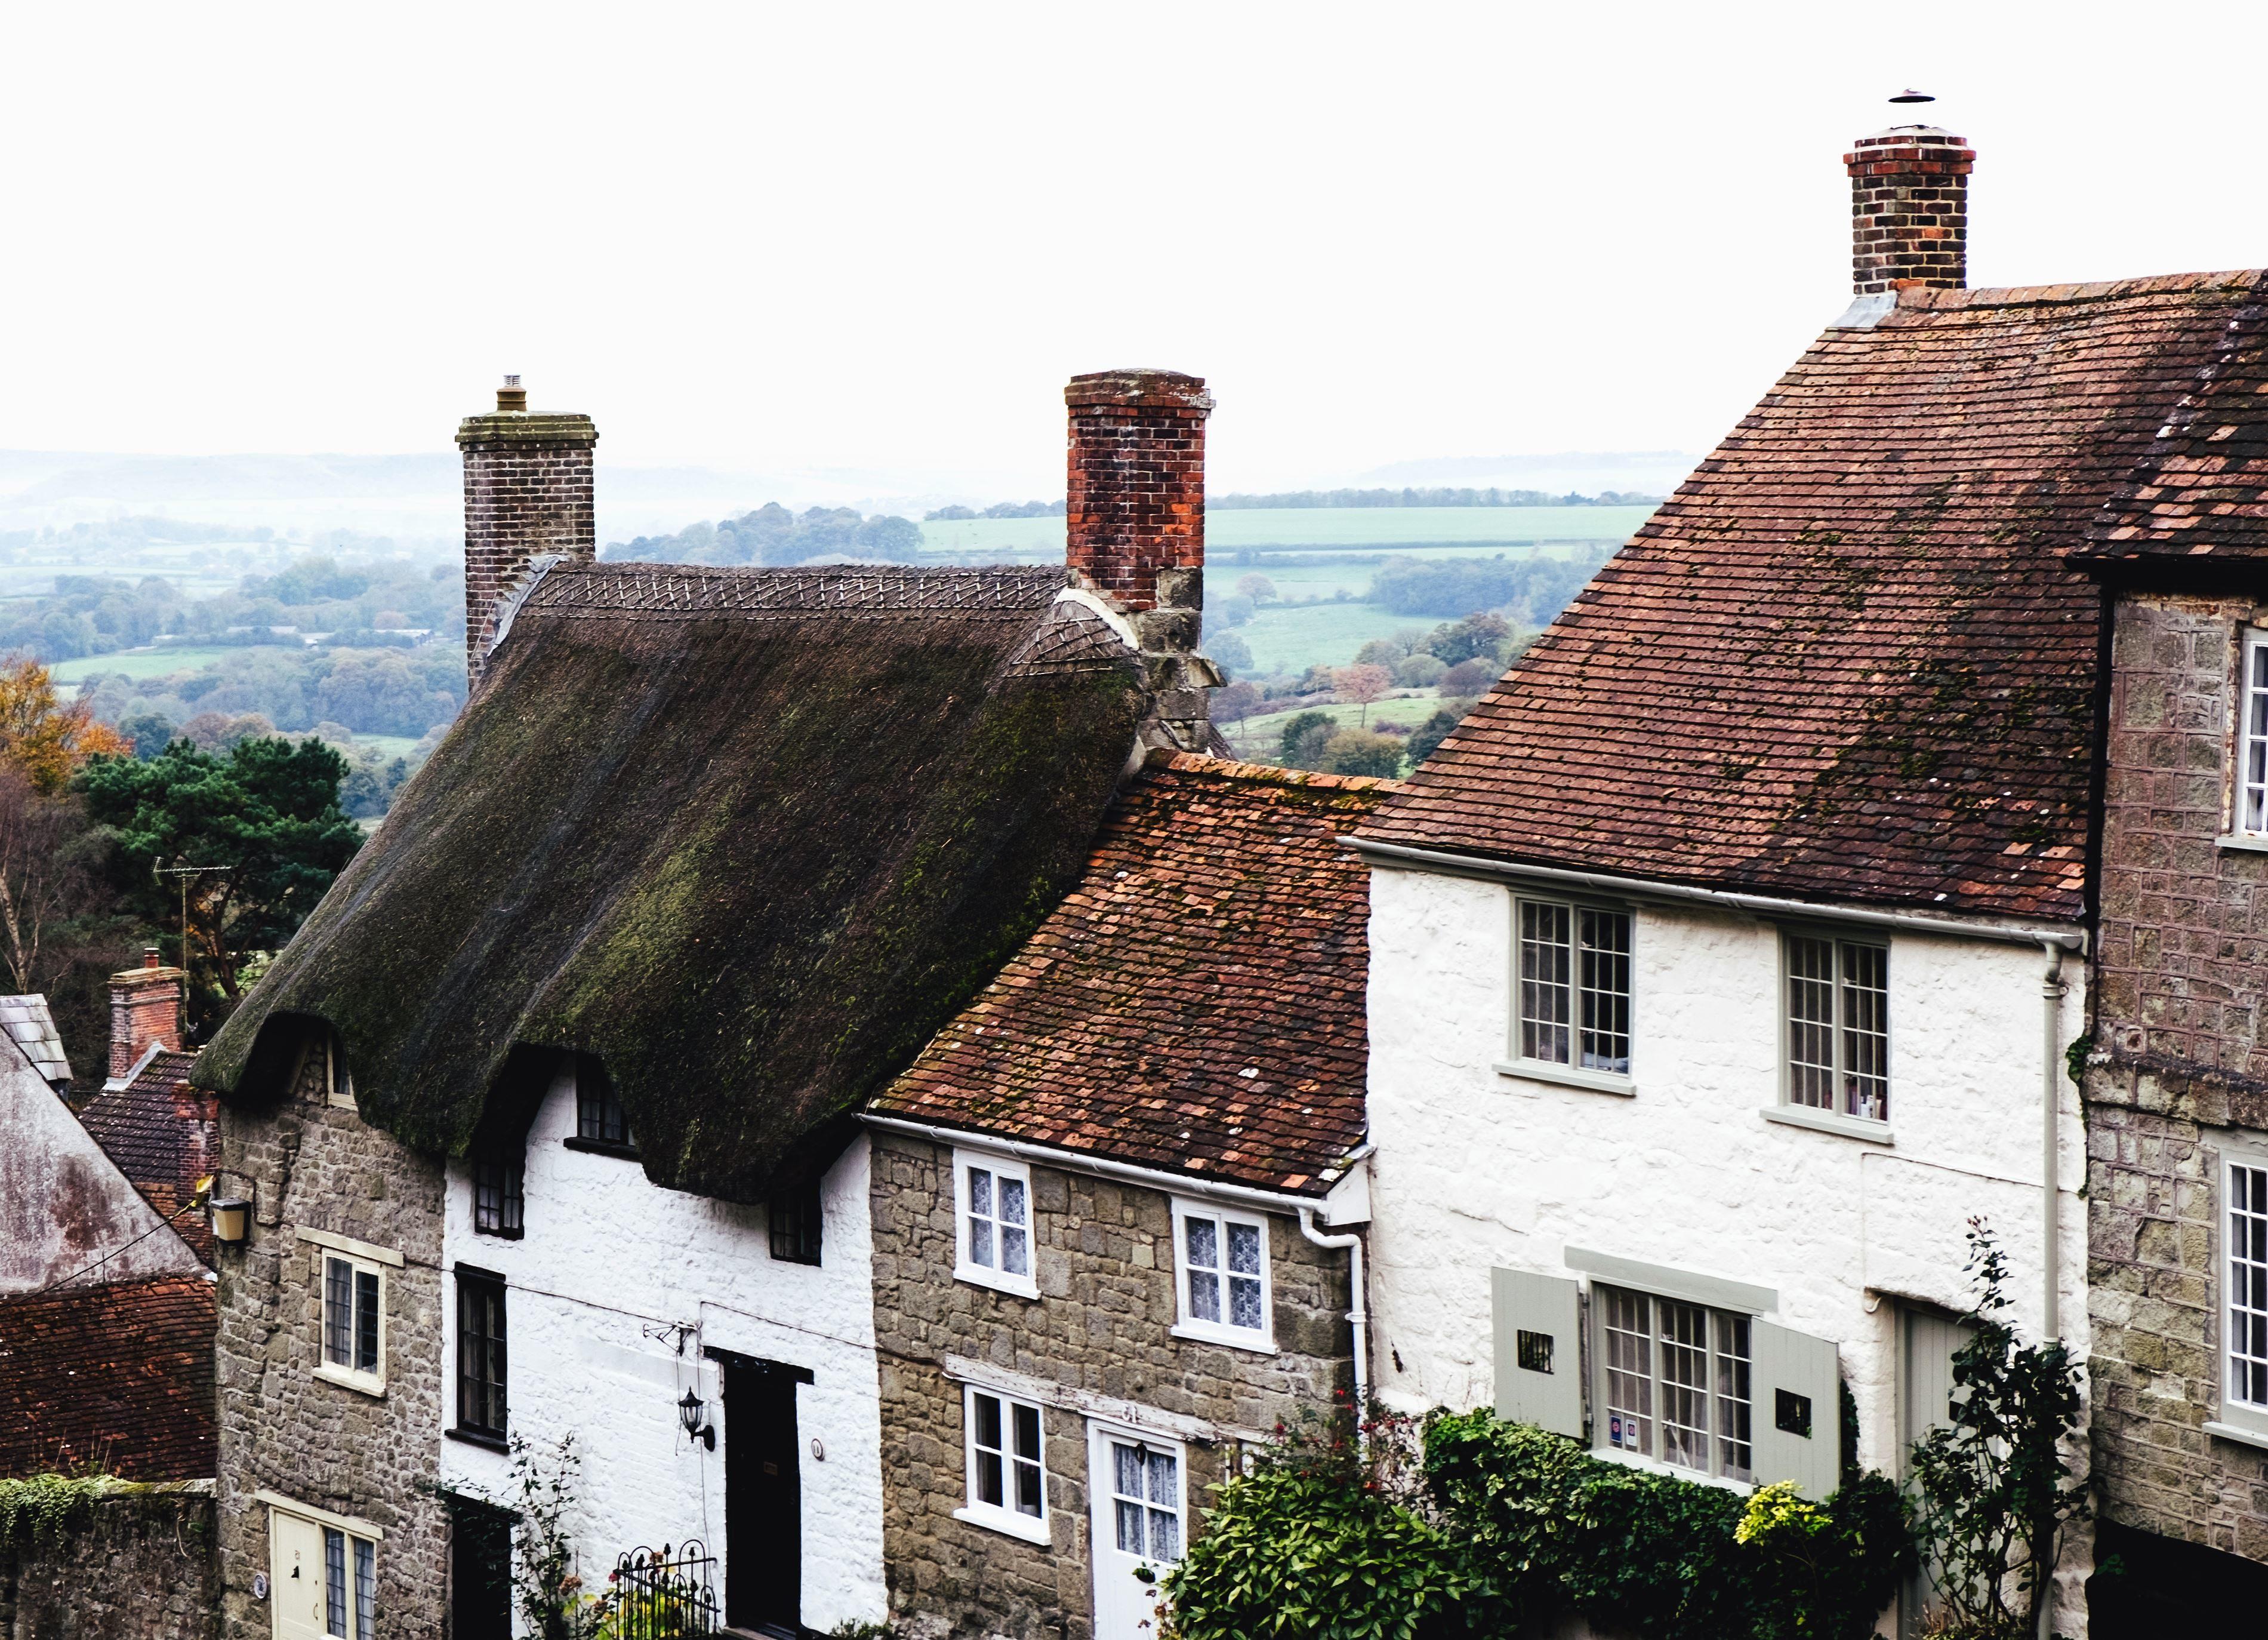 Kostenlose Bild Schornstein Dach Fliesen Haus Fassade Fenster